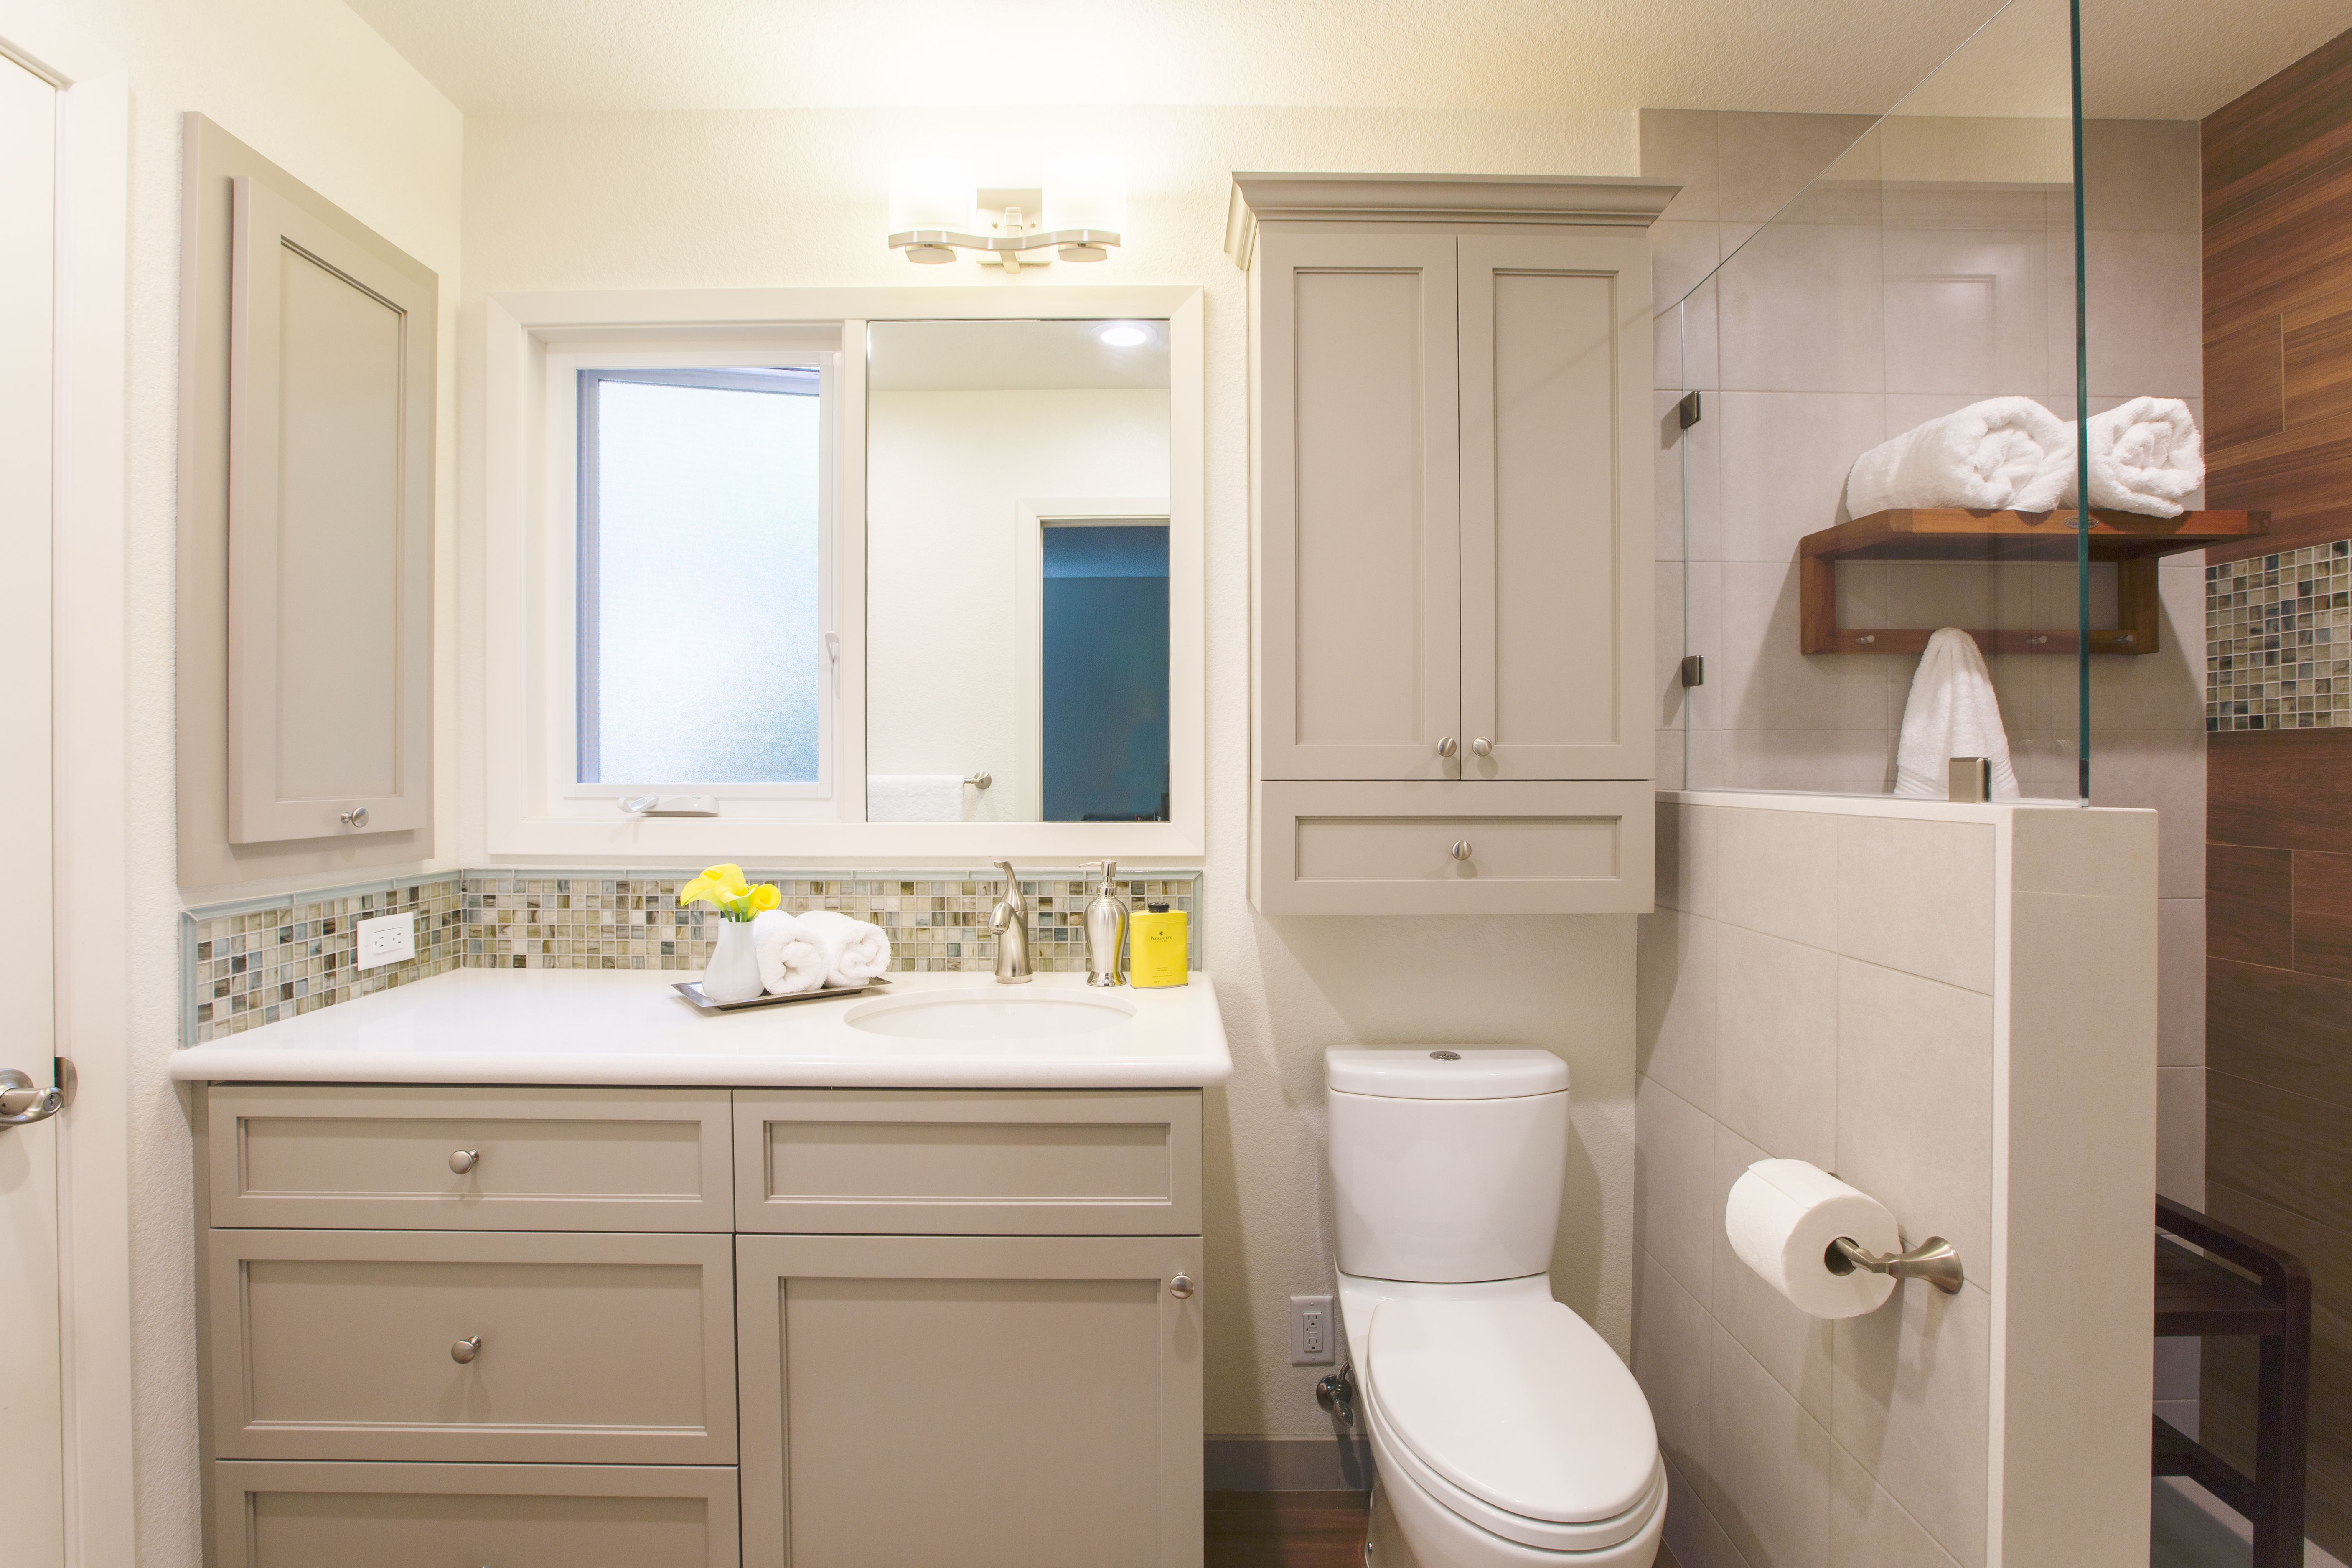 Case Design Remodeling Bathroom Remodel Bathrooms Remodel Traditional Bathroom Remodel Bathroom Layout